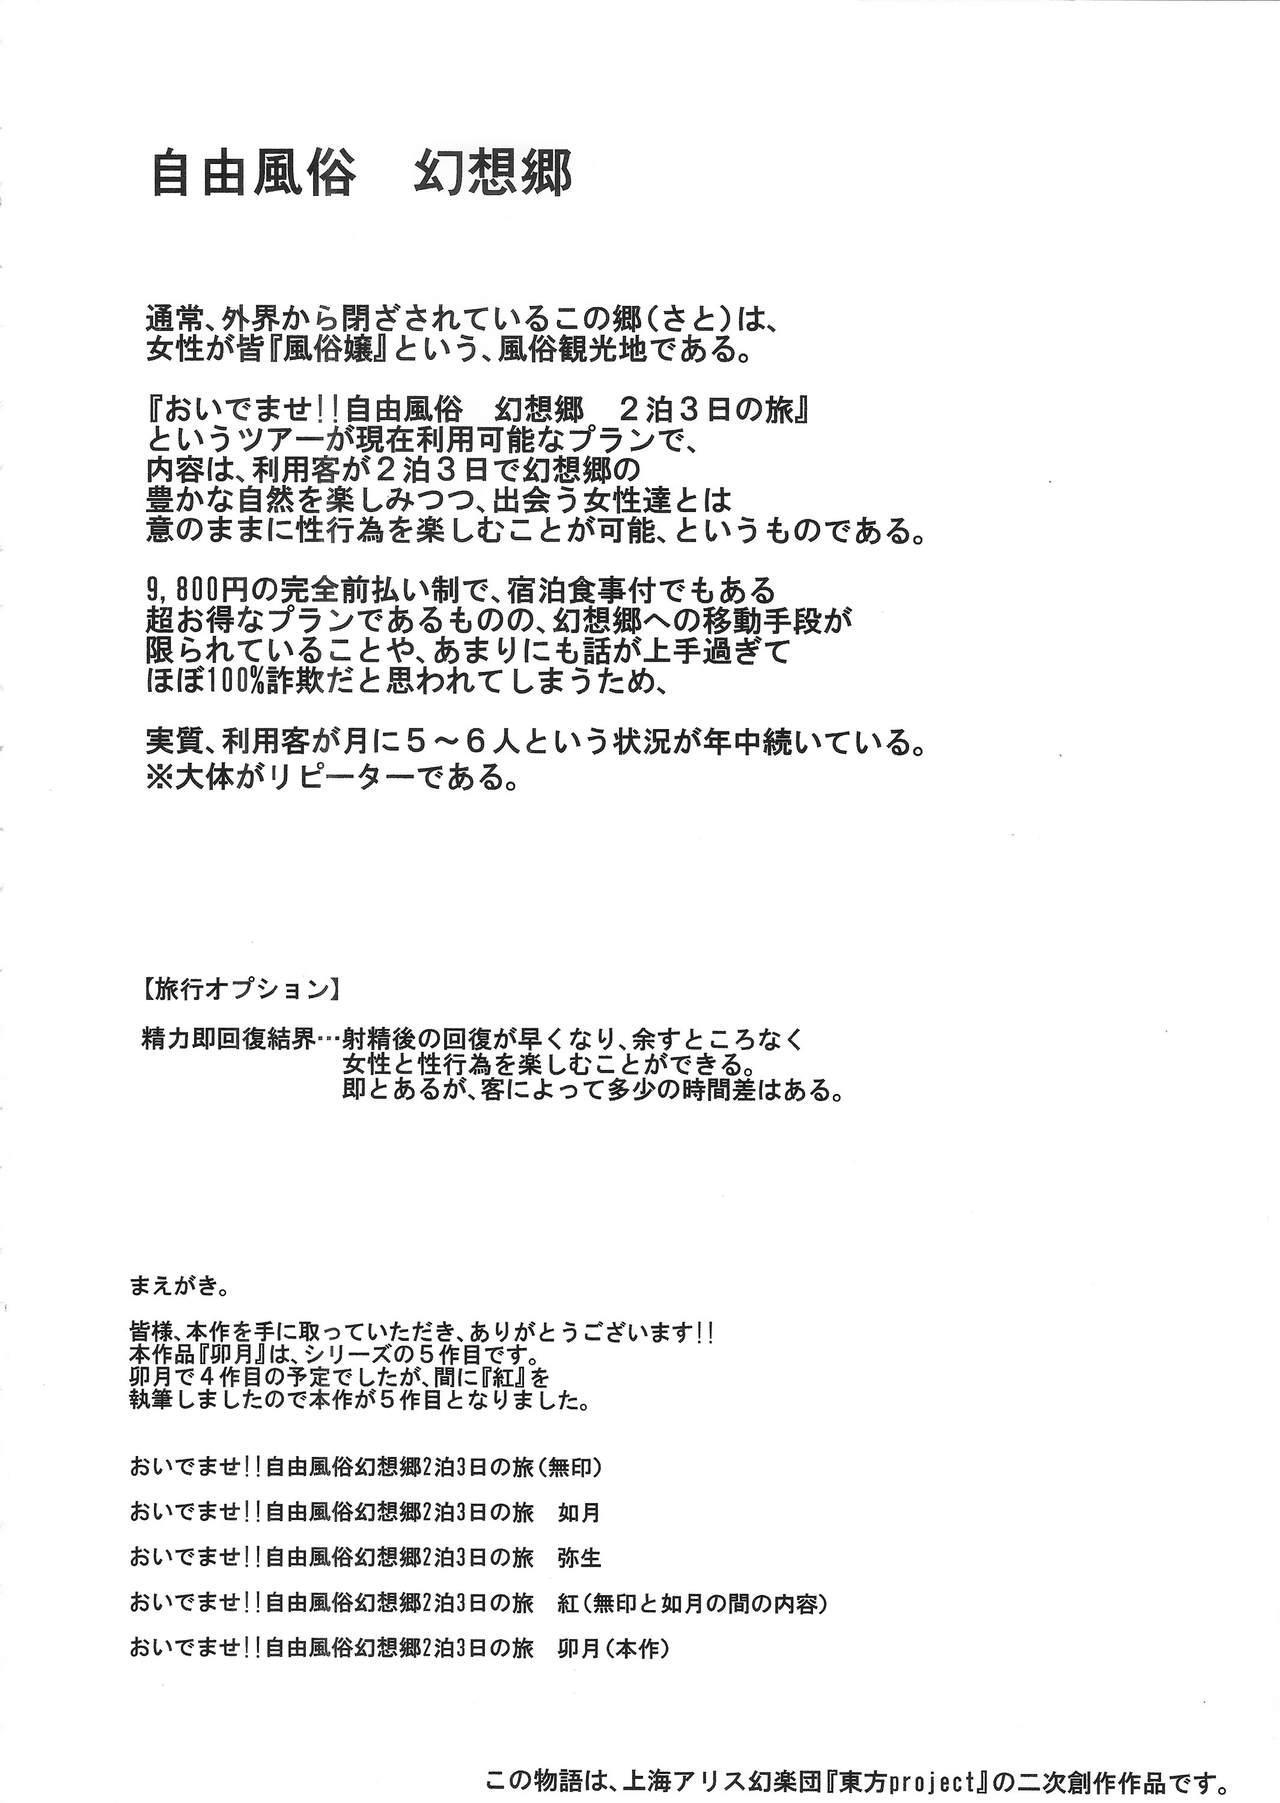 (C87) [Nyuu Koubou (Nyuu)] Oidemase!! Jiyuu Fuuzoku Gensoukyou 2-haku 3-kka no Tabi - Uzuki (Touhou Project) 2